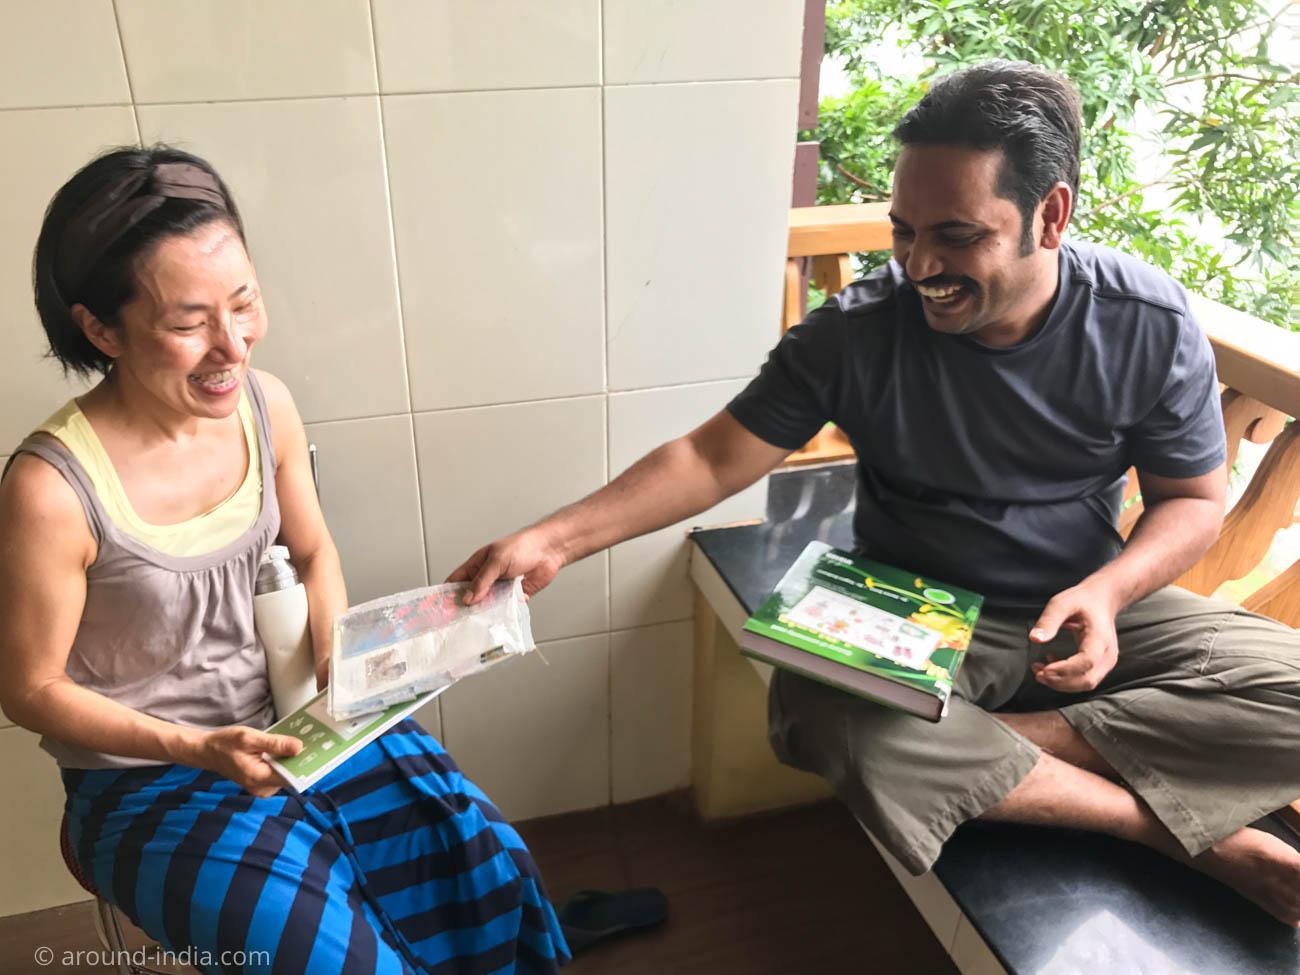 PVAアーユルヴェーダ病院の一コマ。暮らしのアーユルヴェーダ、インド号の本も!